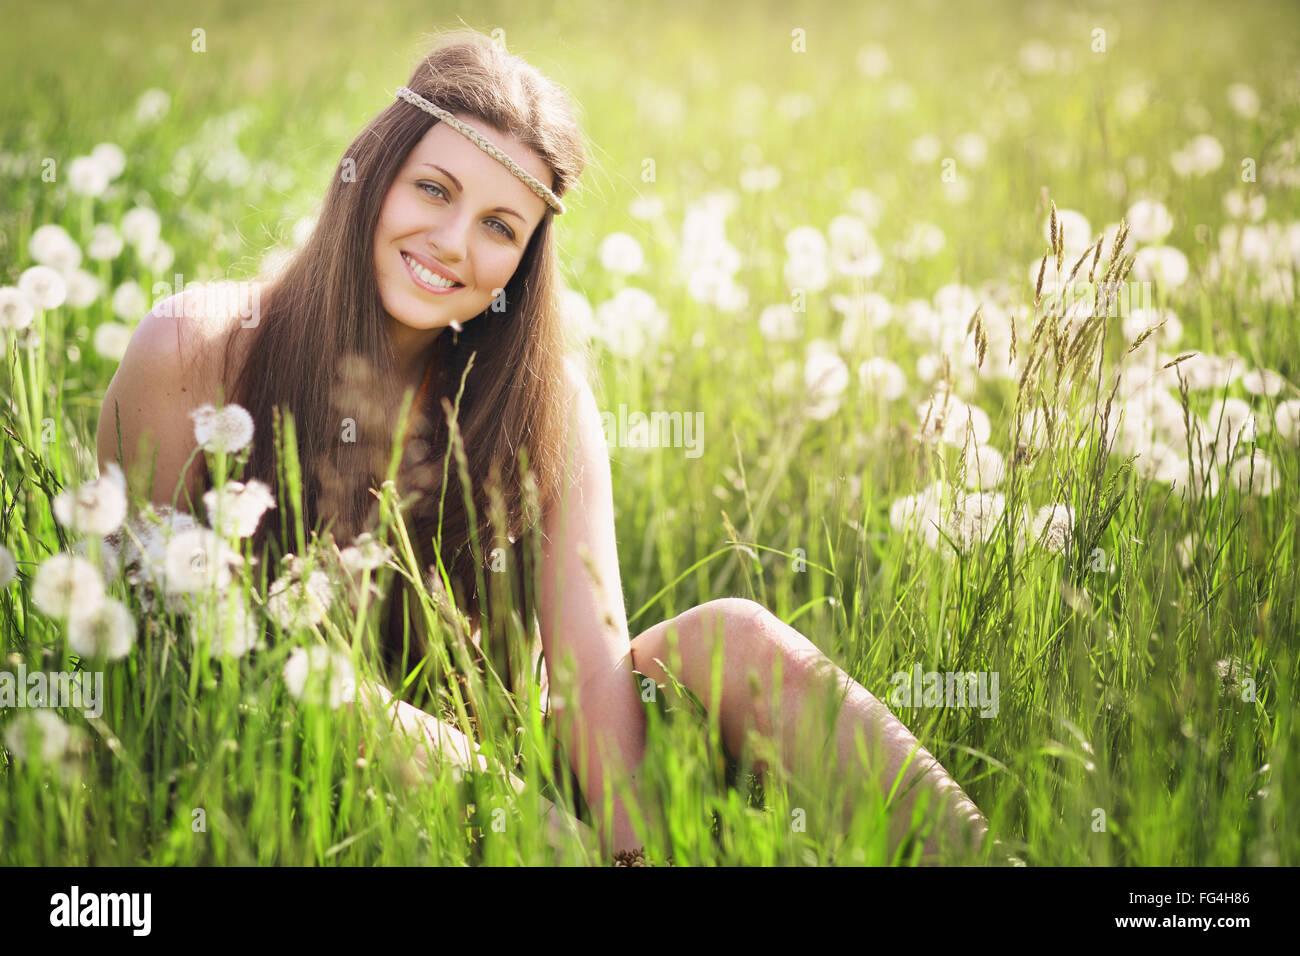 Hermosa joven sonriente en un prado florido . La armonía y la serenidad de la naturaleza Imagen De Stock